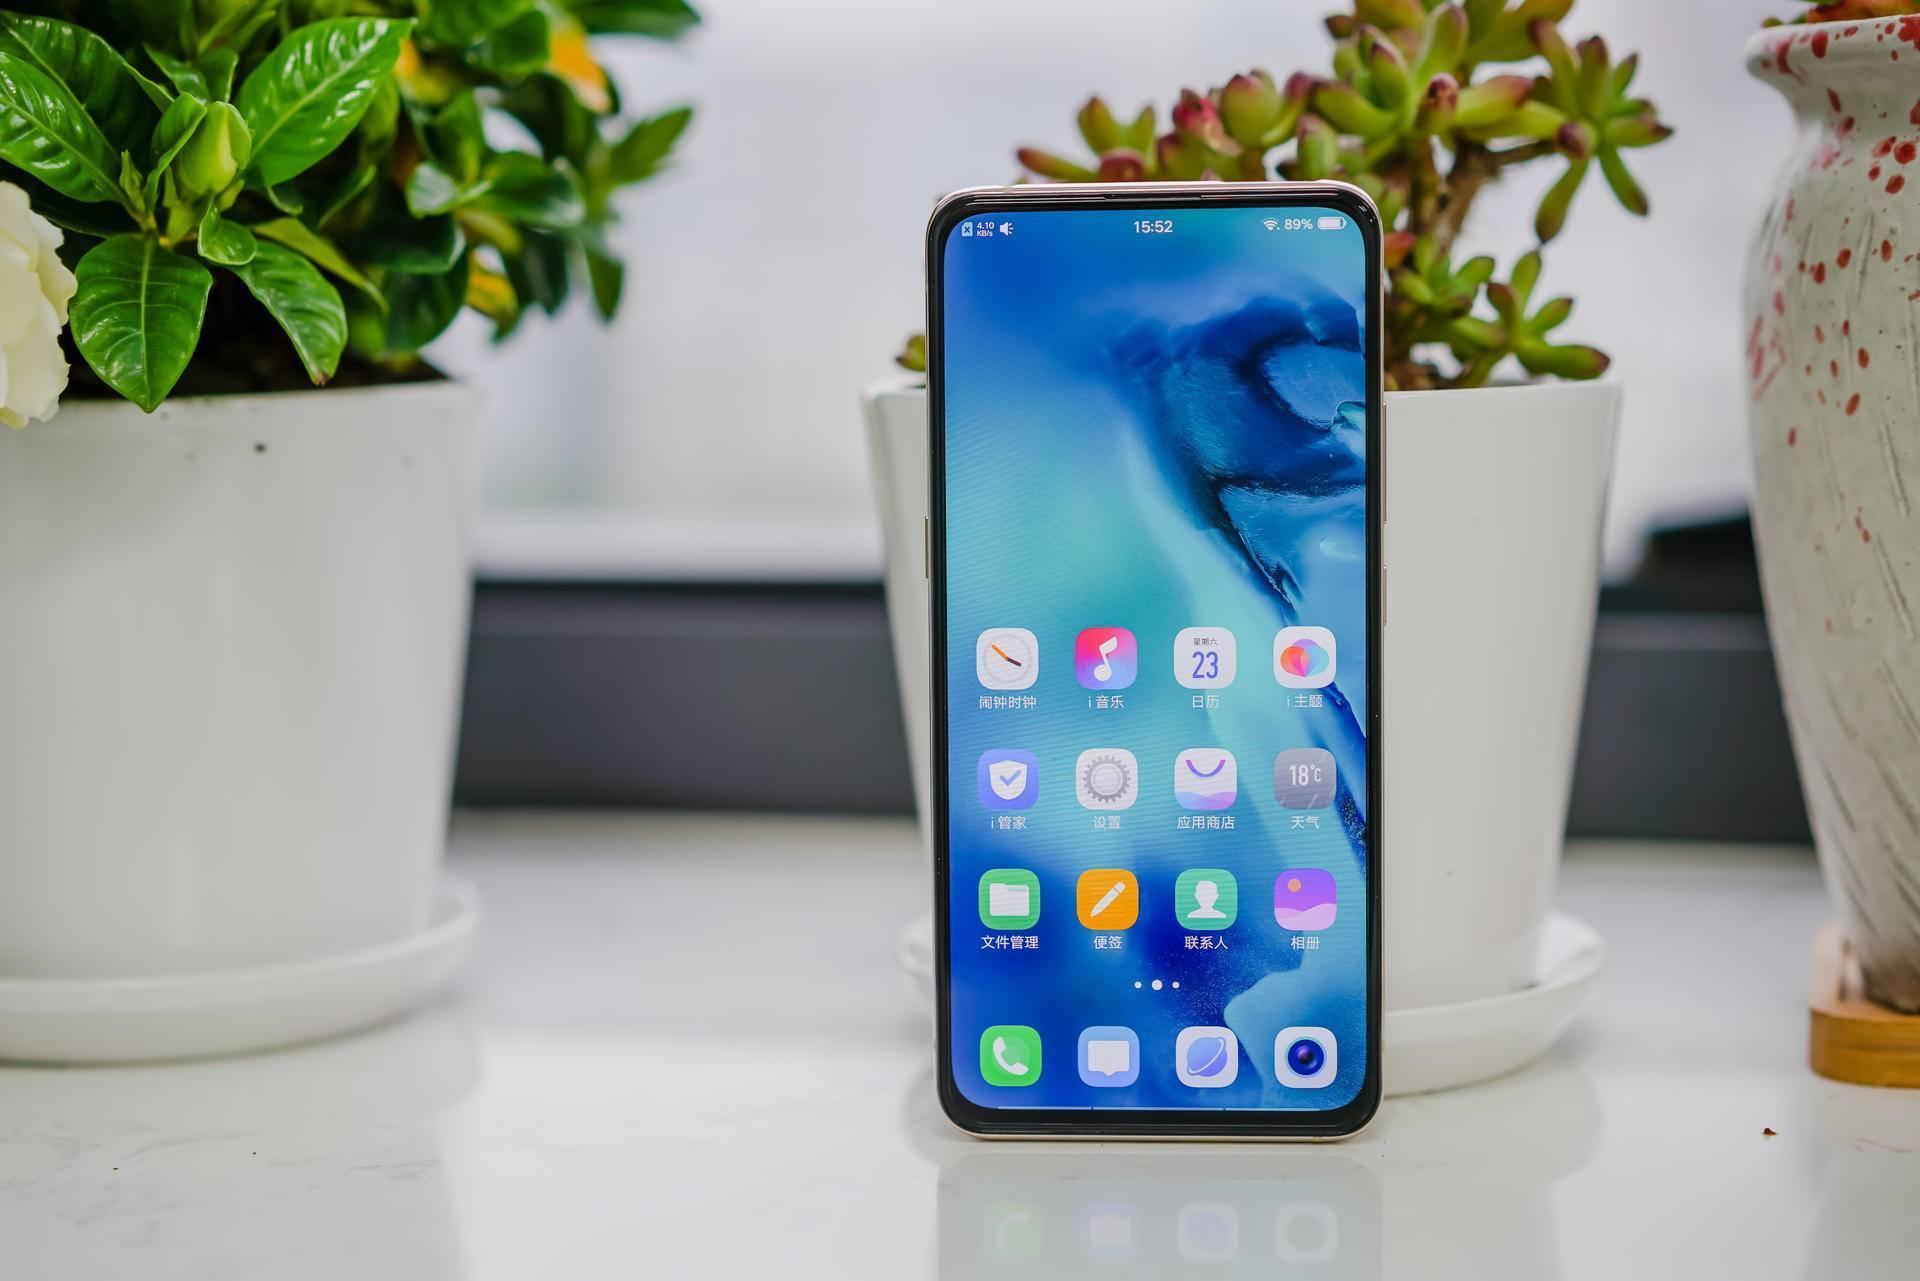 业界公认强者iPhone,在全面屏上的表现居然输了